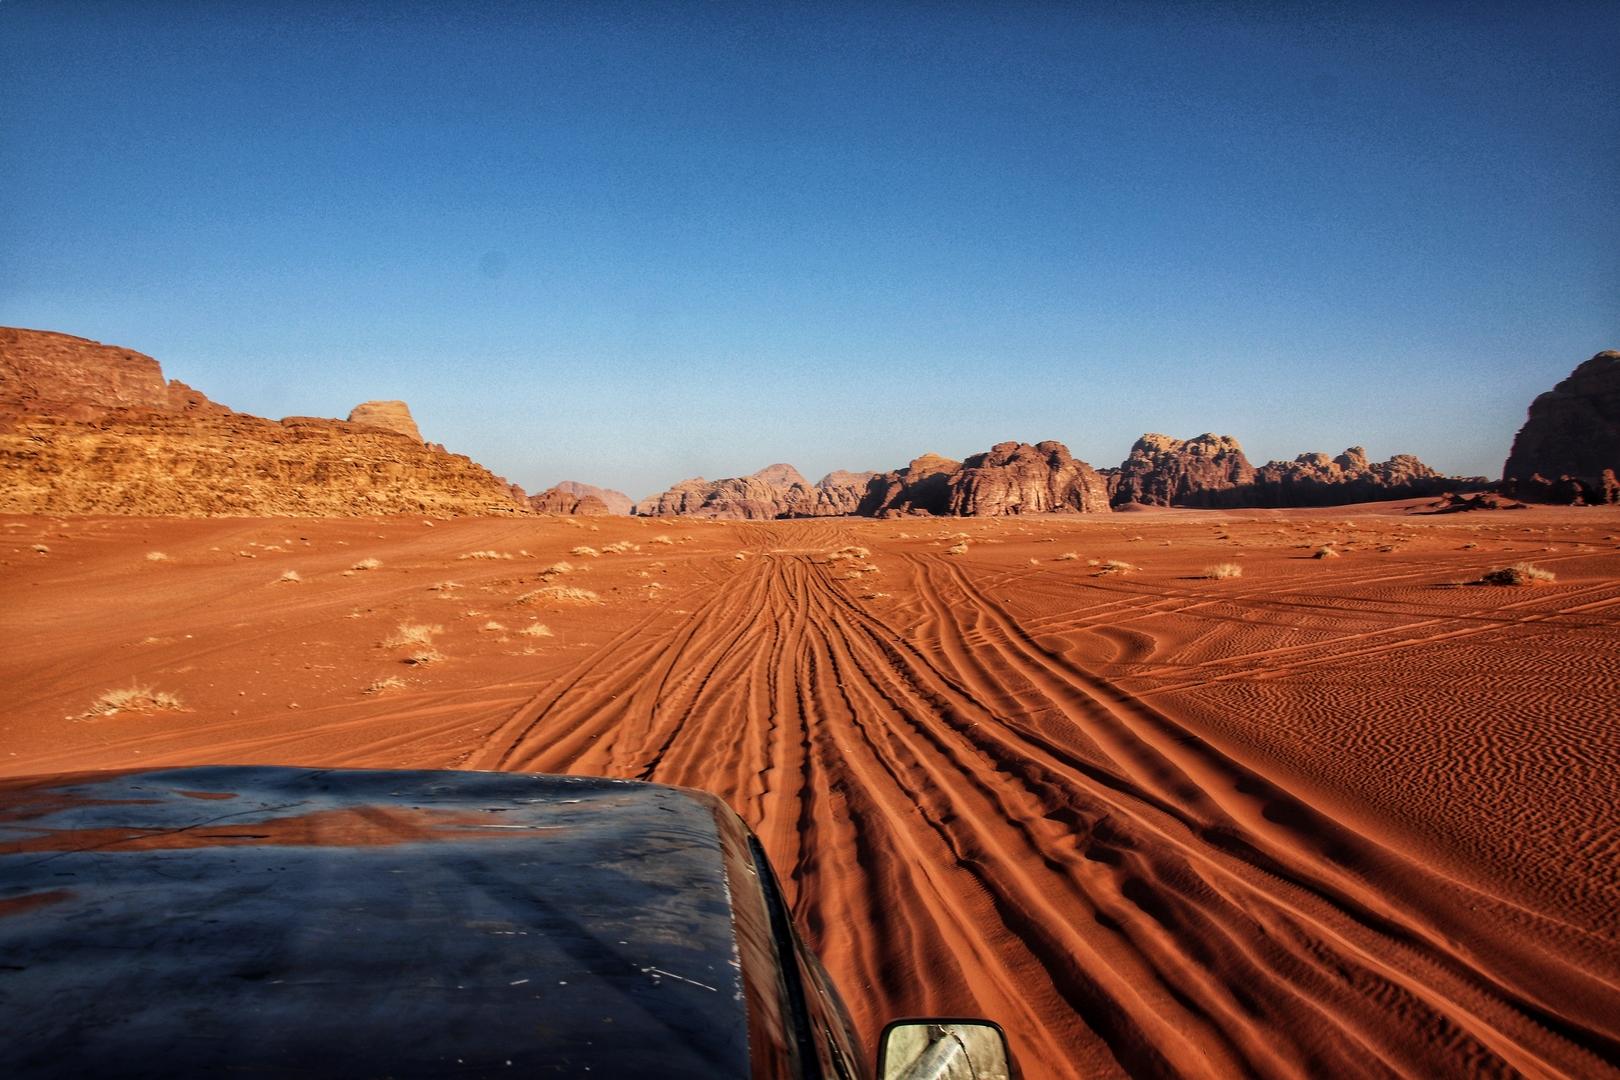 Jordanie - Fin de journée dans le désert de Wadi Rum